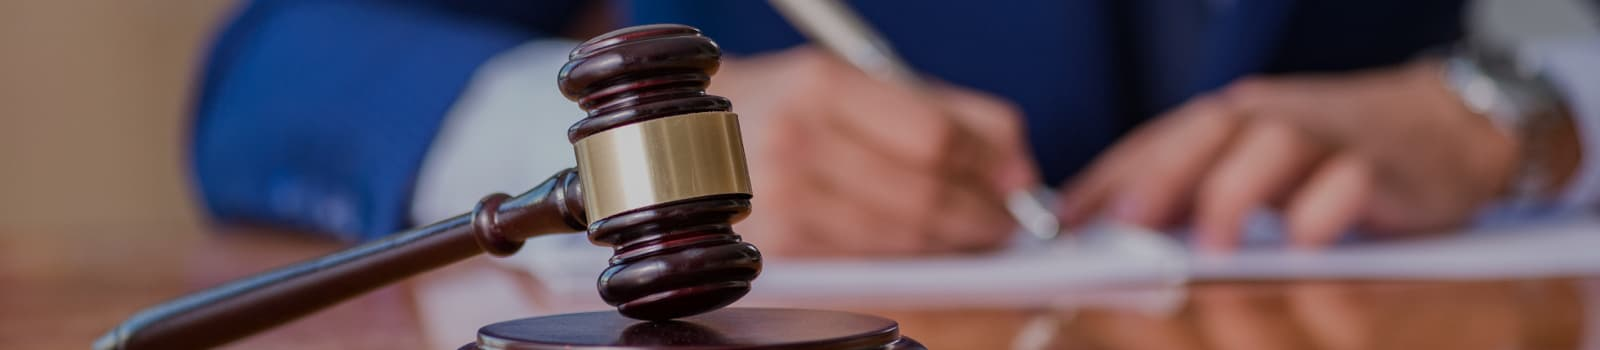 Juiz assinando uma sentença de causa trabalhista.